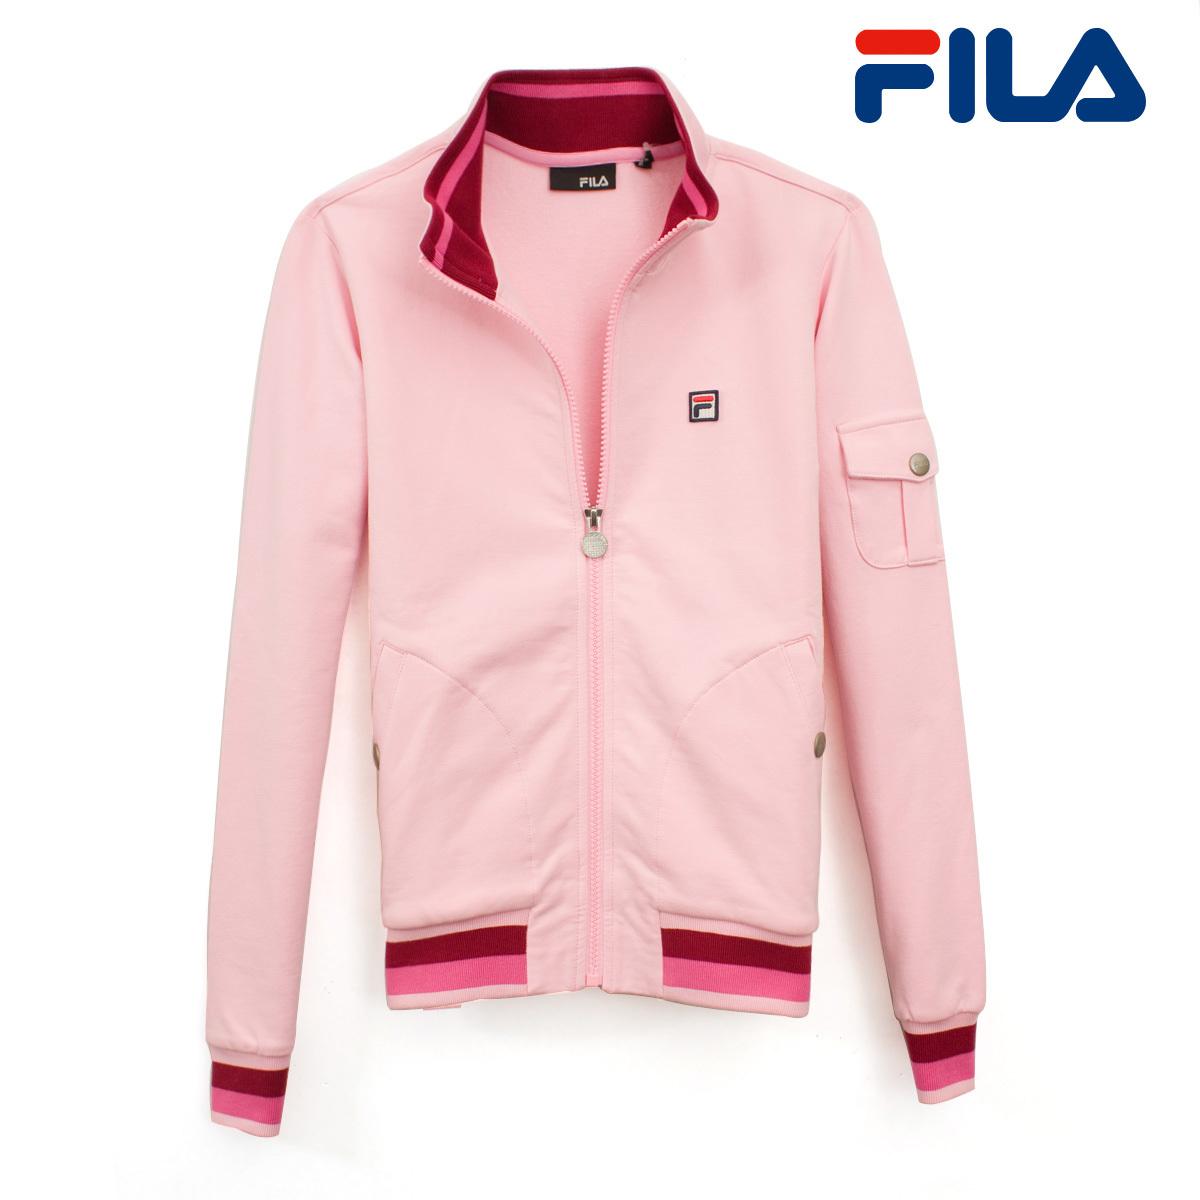 Спортивная куртка Fila 5047221/3 5047221-3 Женские